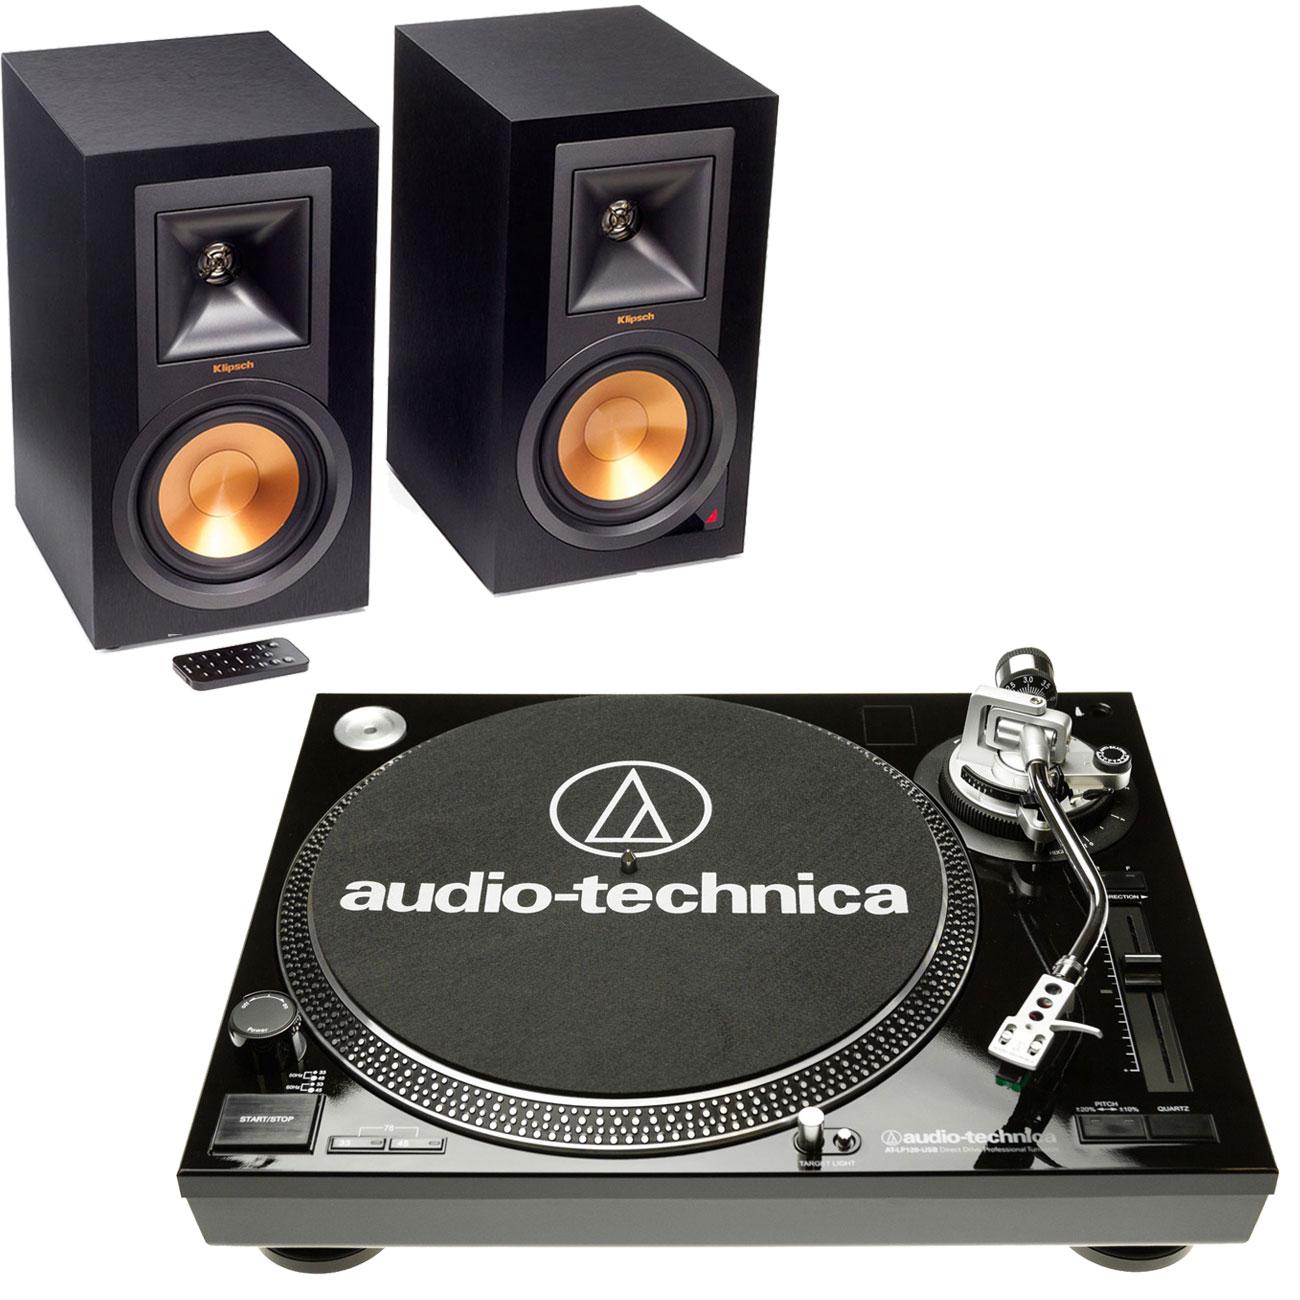 Platine vinyle Audio-Technica AT-LP120USBC Noir + Klipsch R-15PM Platine vinyle à 3 vitesses (33-45-78 trs/min) avec port USB + Enceinte bibliothèque (par paire)